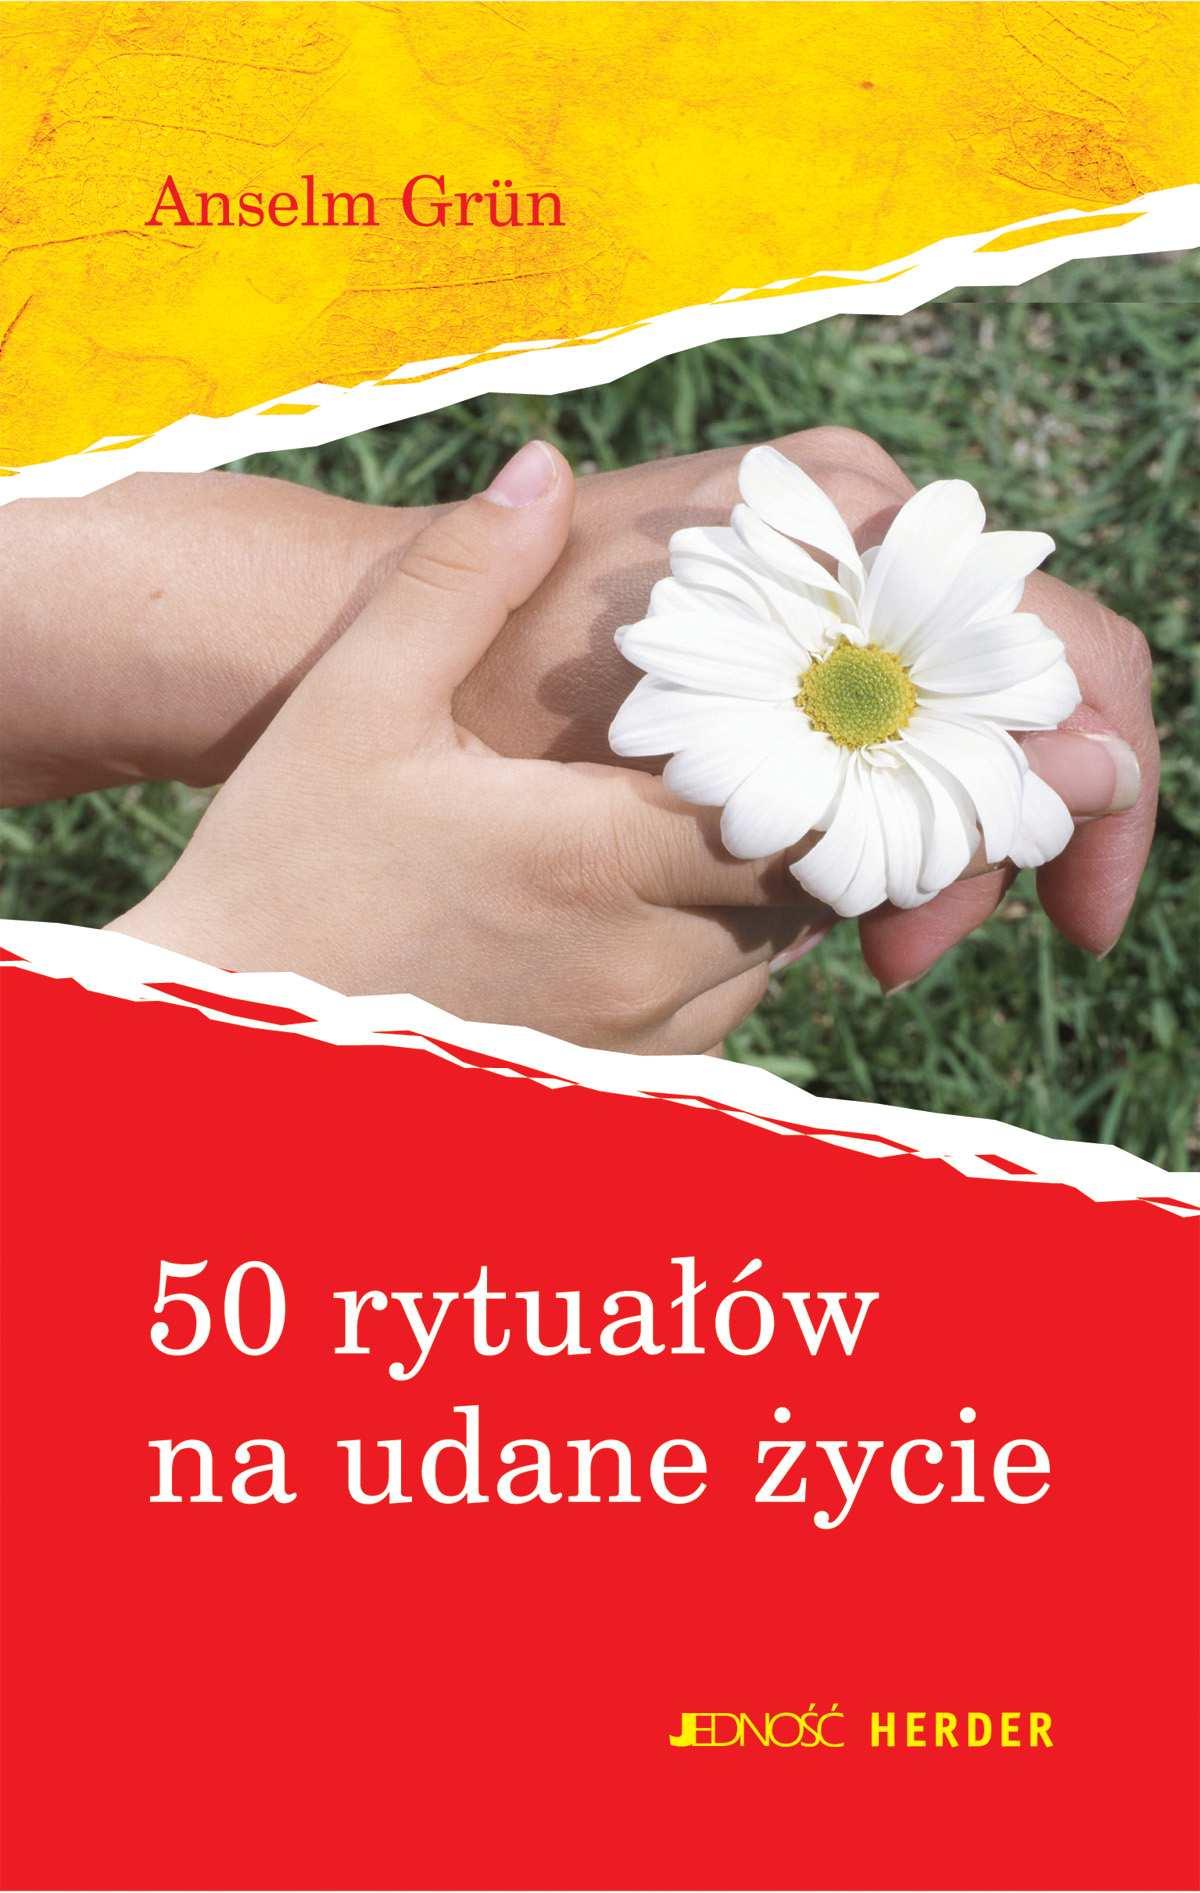 50 rytuałów na udane życie - Ebook (Książka EPUB) do pobrania w formacie EPUB